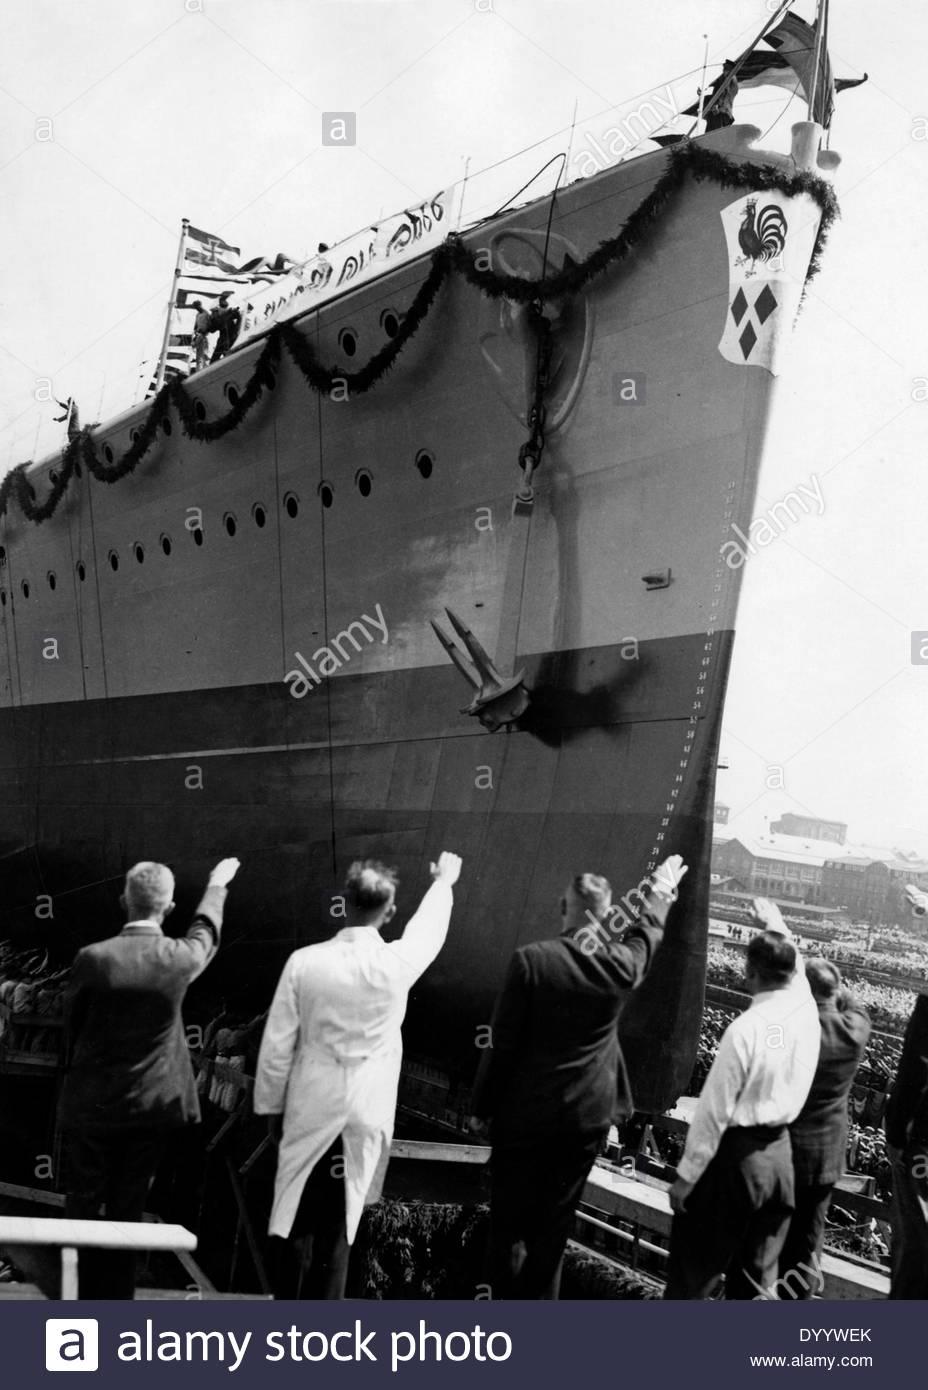 admiral graf spee 1934